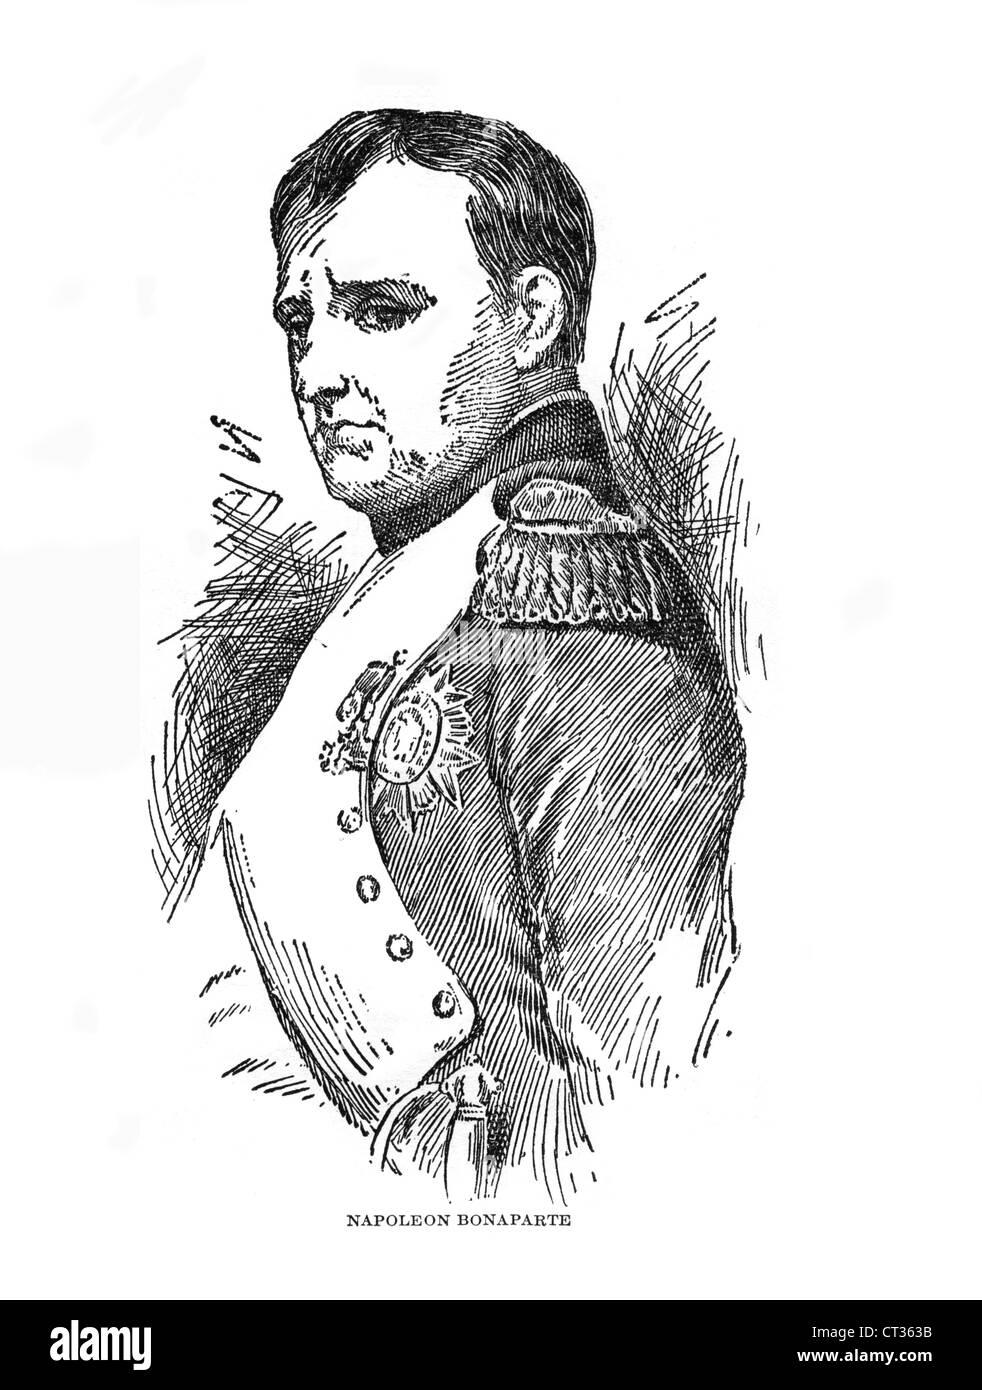 Napoleon Bonaparte,1769-1821,French emperor, commander, soldier. - Stock Image